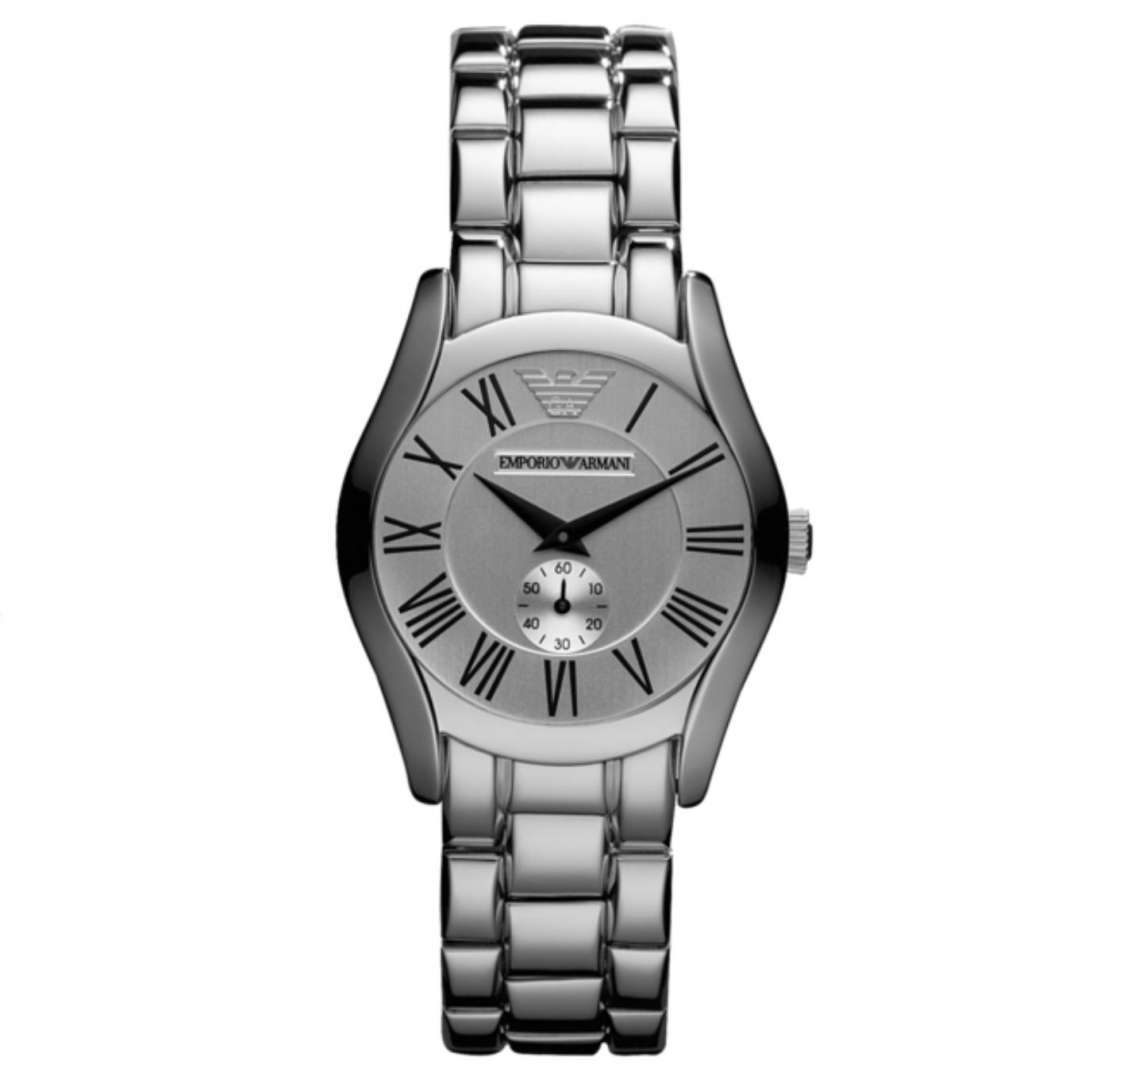 שעון יד אנלוגי לאישה emporio armani ar0648 אמפוריו ארמני